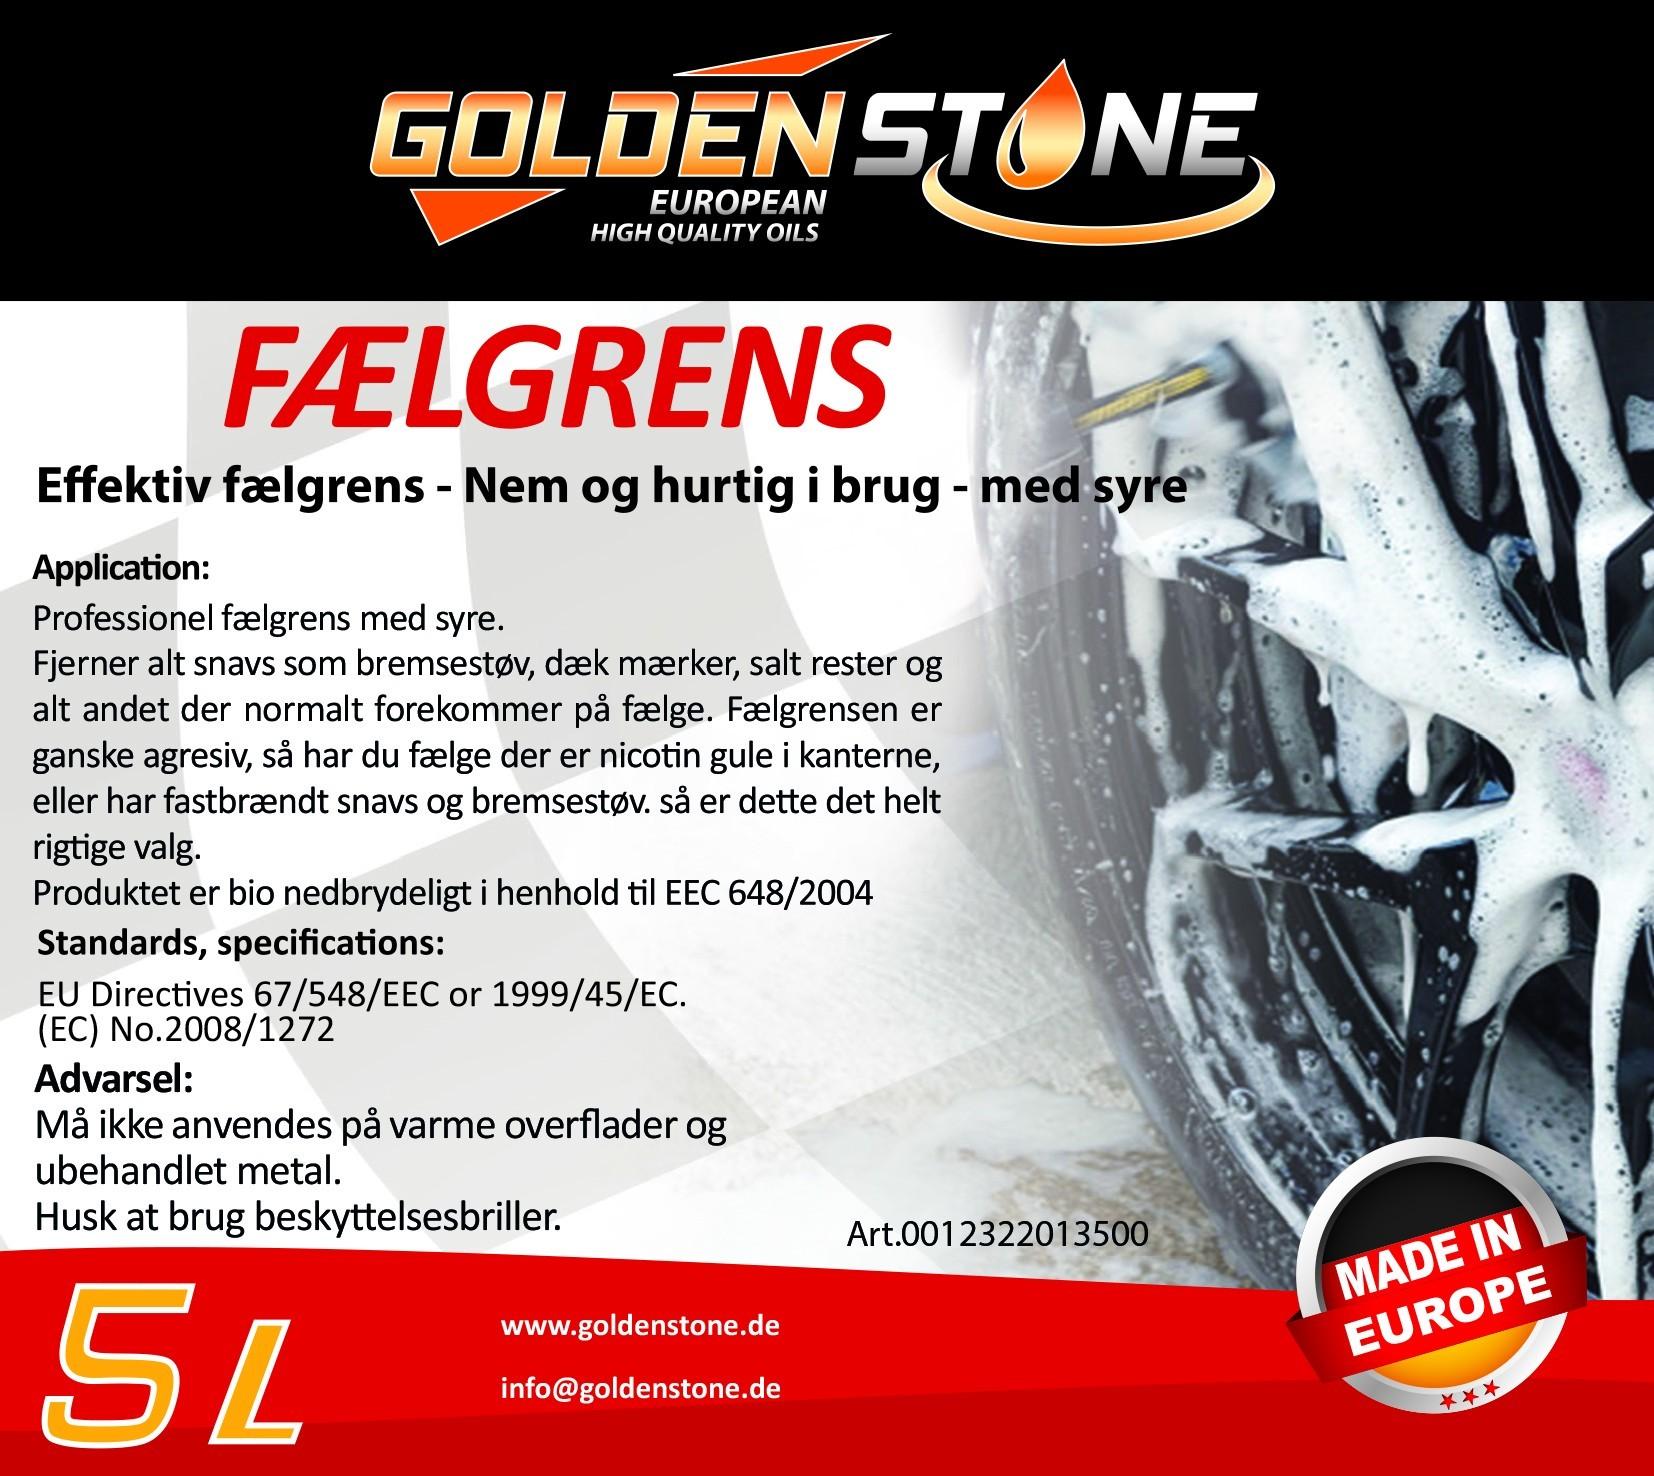 Goldenstone Fælgrens 5liter